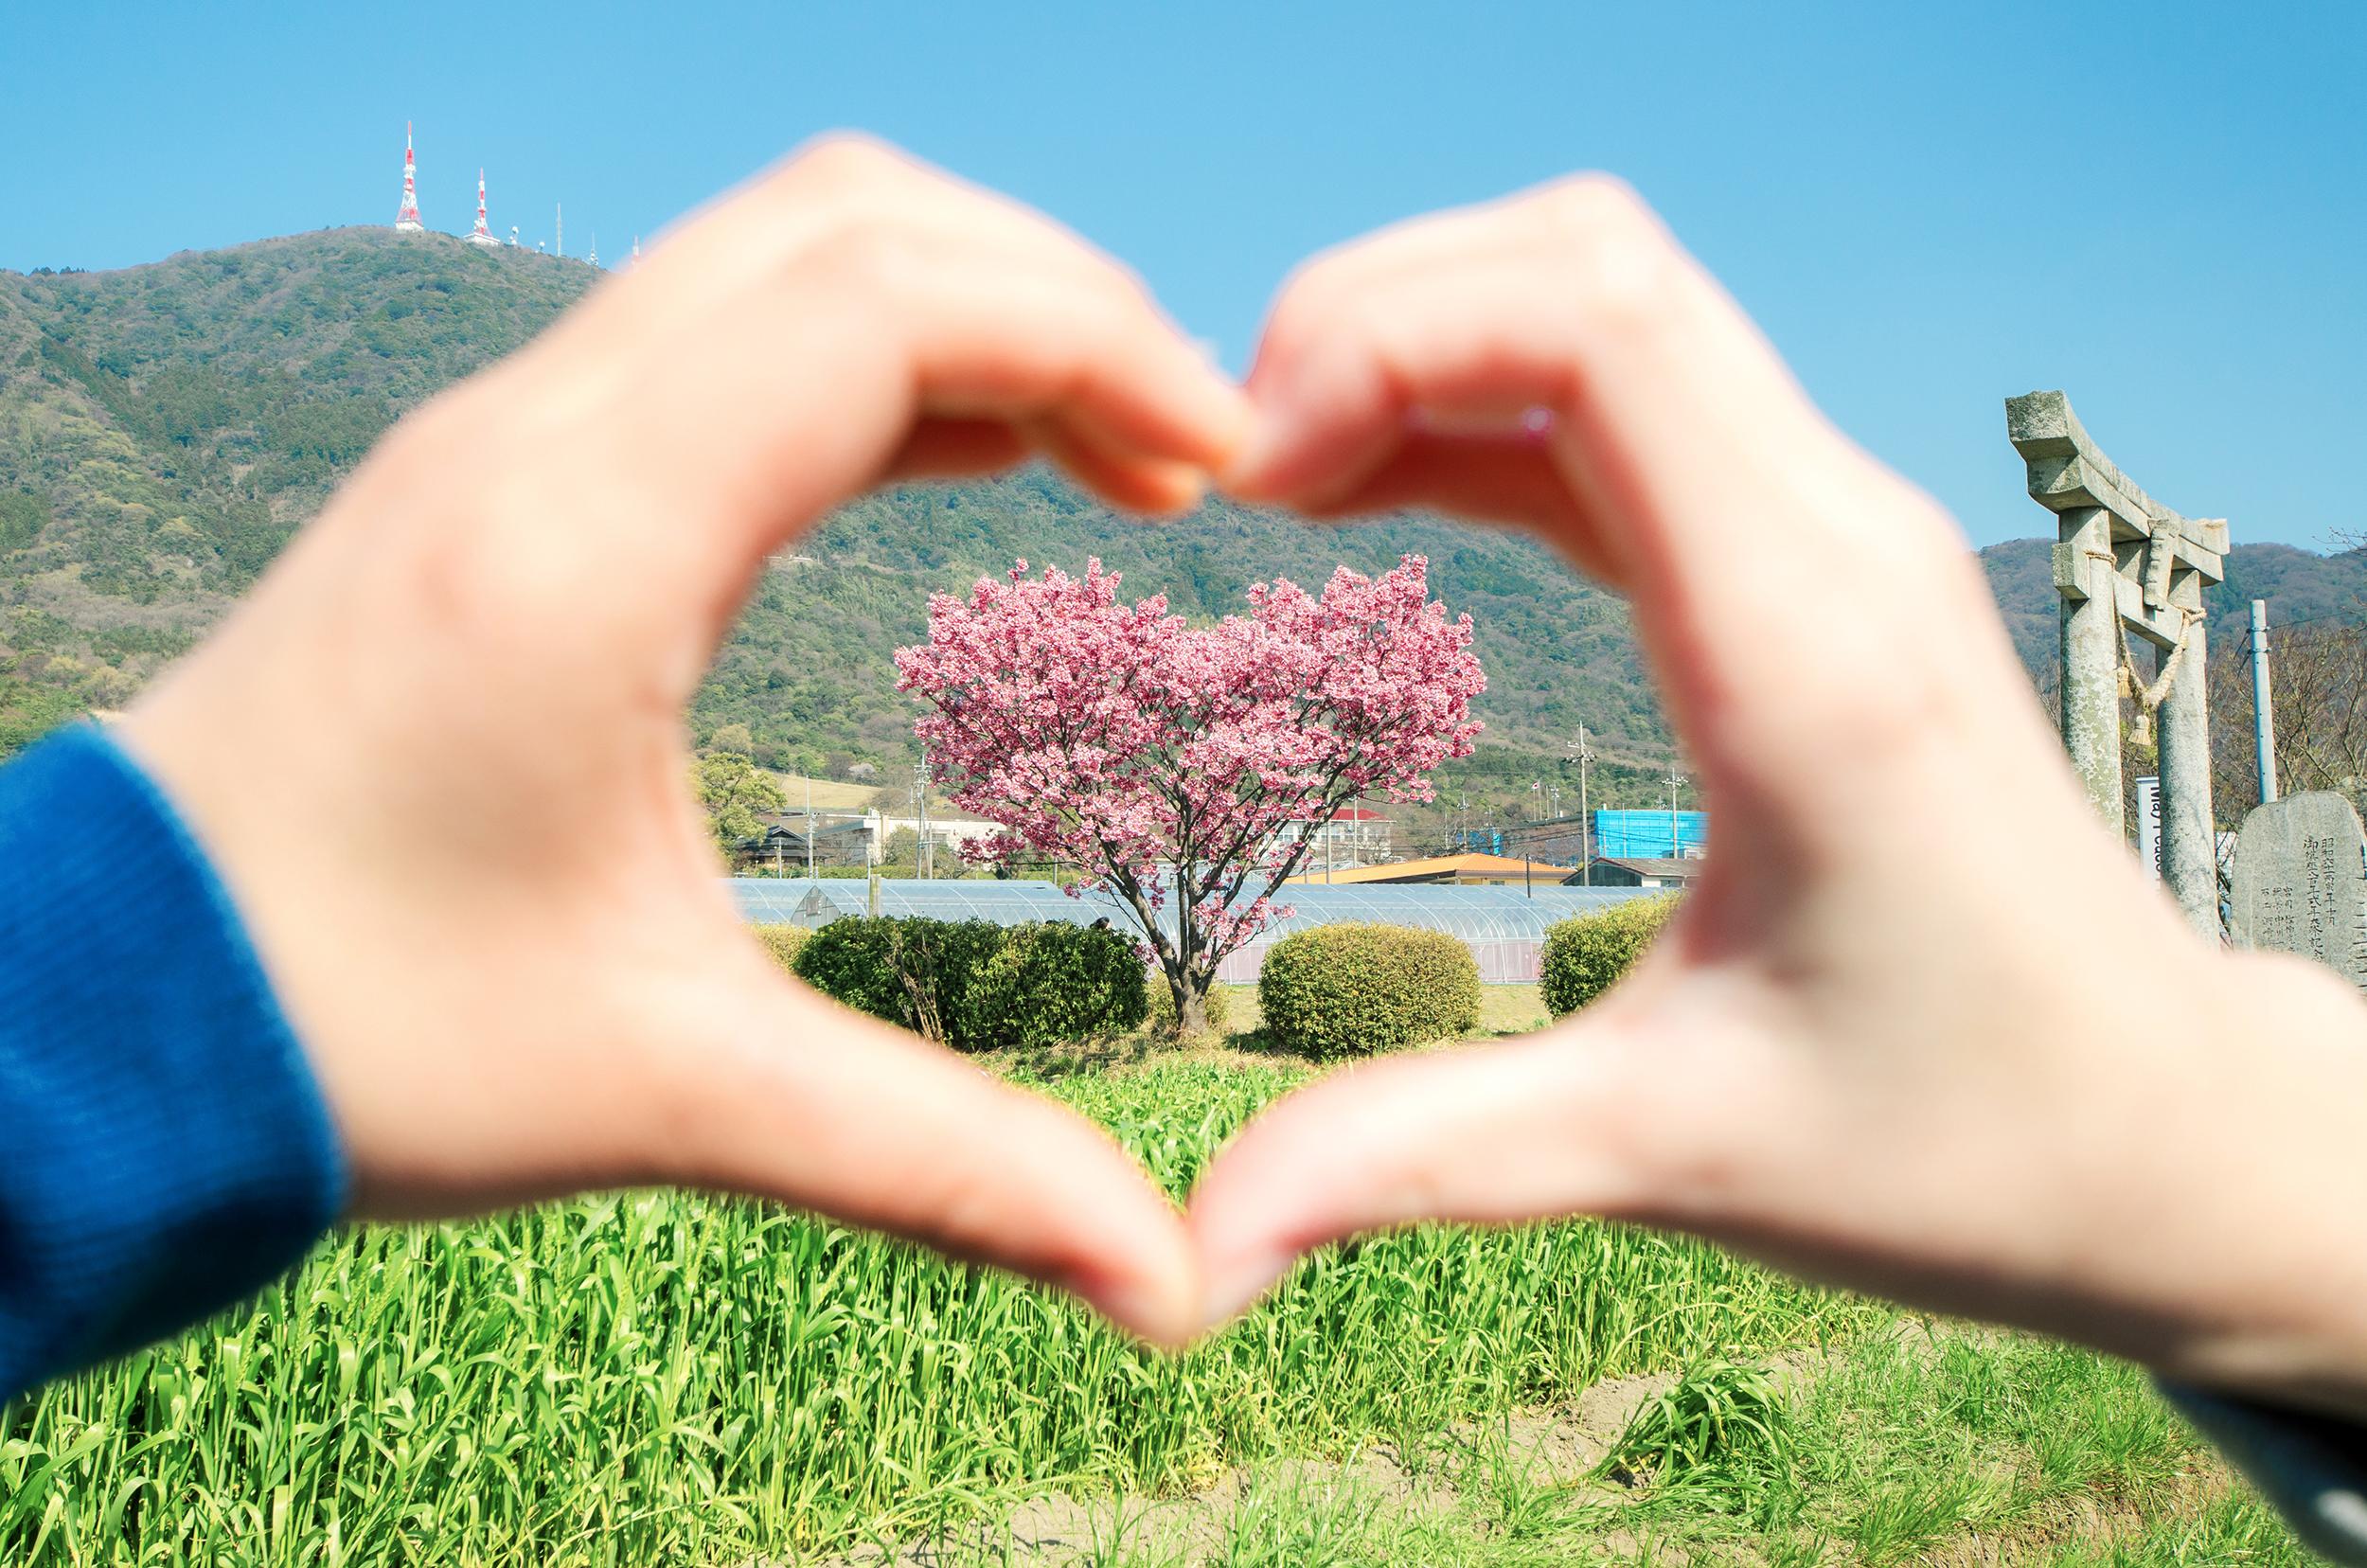 山口県にはハート型に咲く桜の木があります。